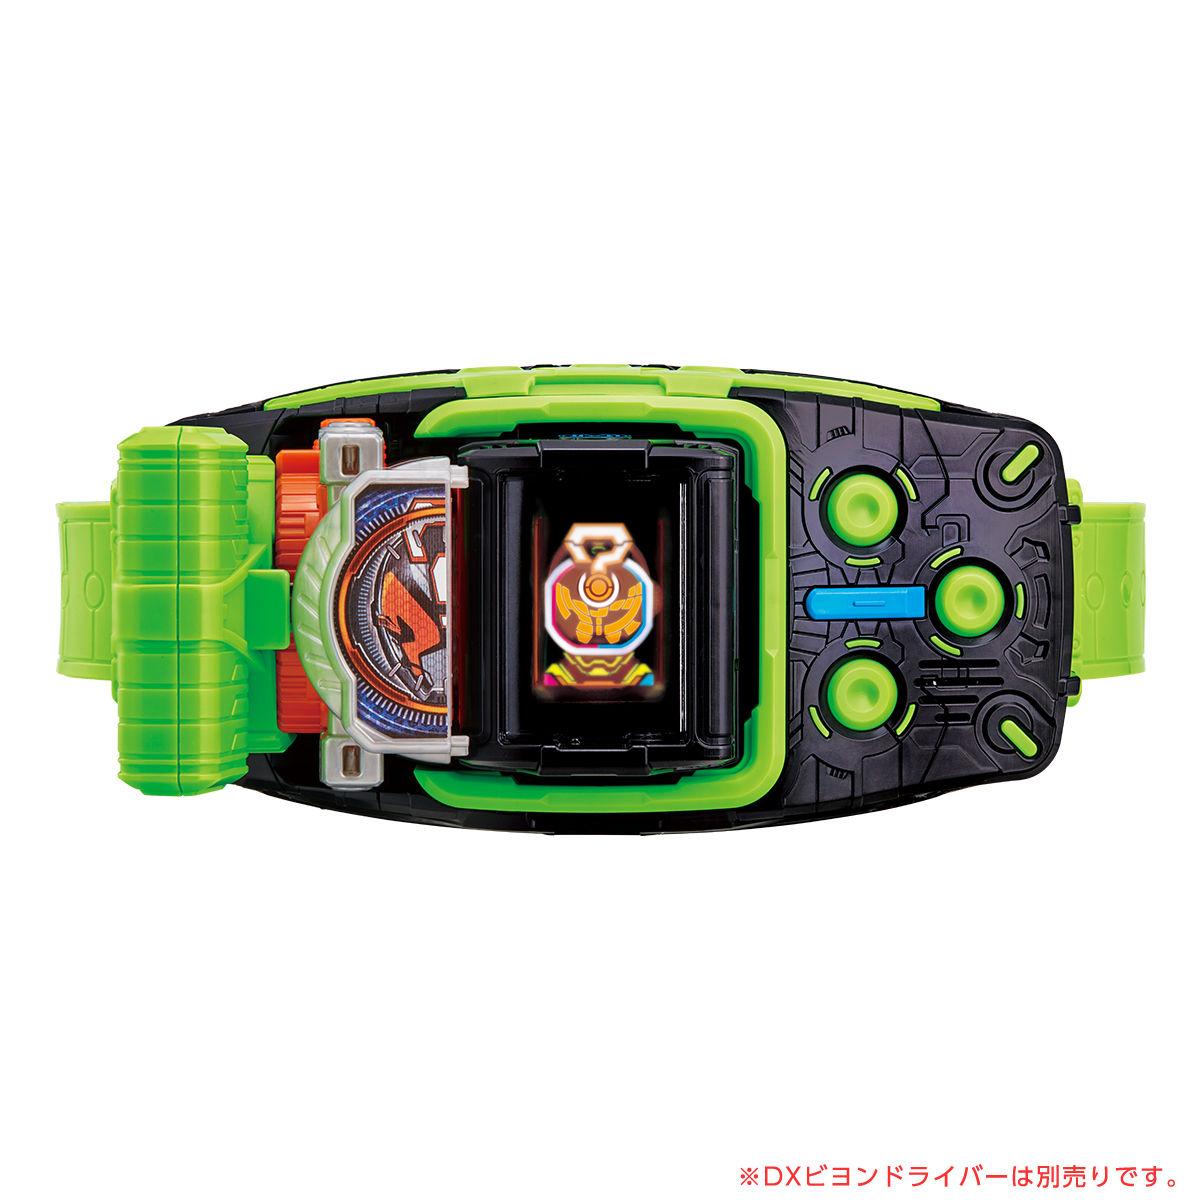 仮面ライダージオウ『DXクイズミライドウォッチ』変身なりきり-006